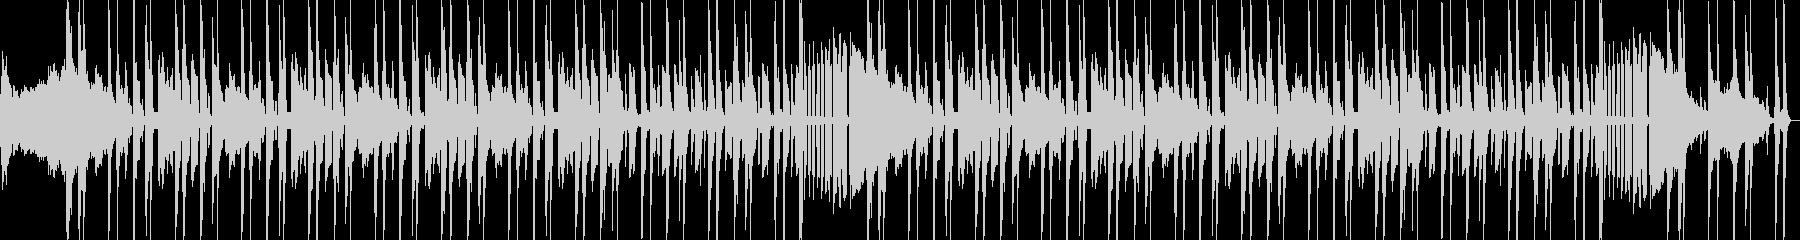 【ぶらり】おっちょこのちょいの未再生の波形